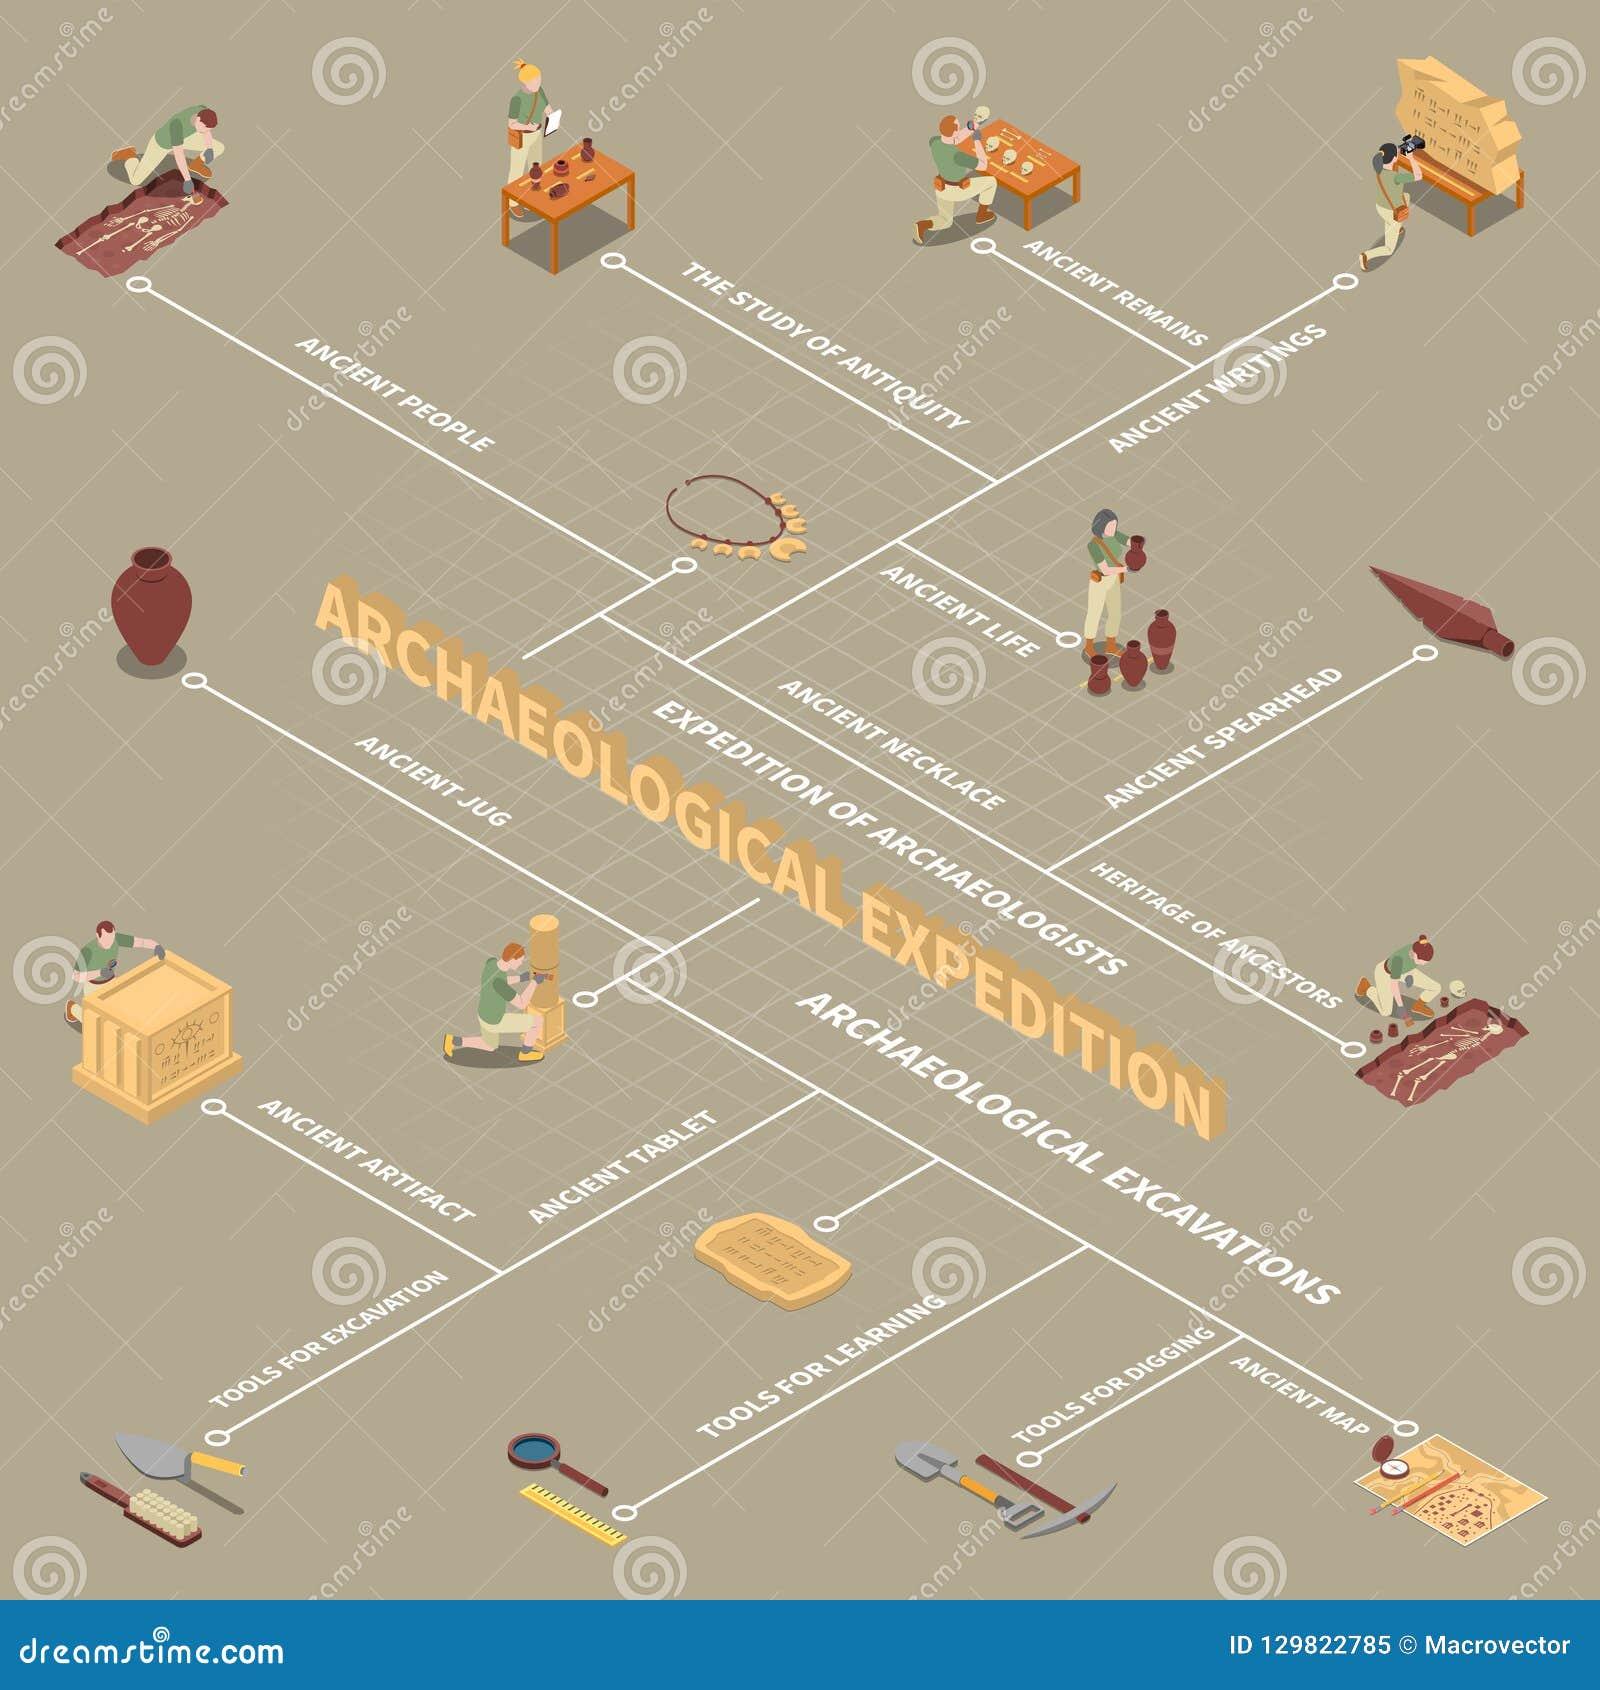 Archäologie-isometrisches Flussdiagramm